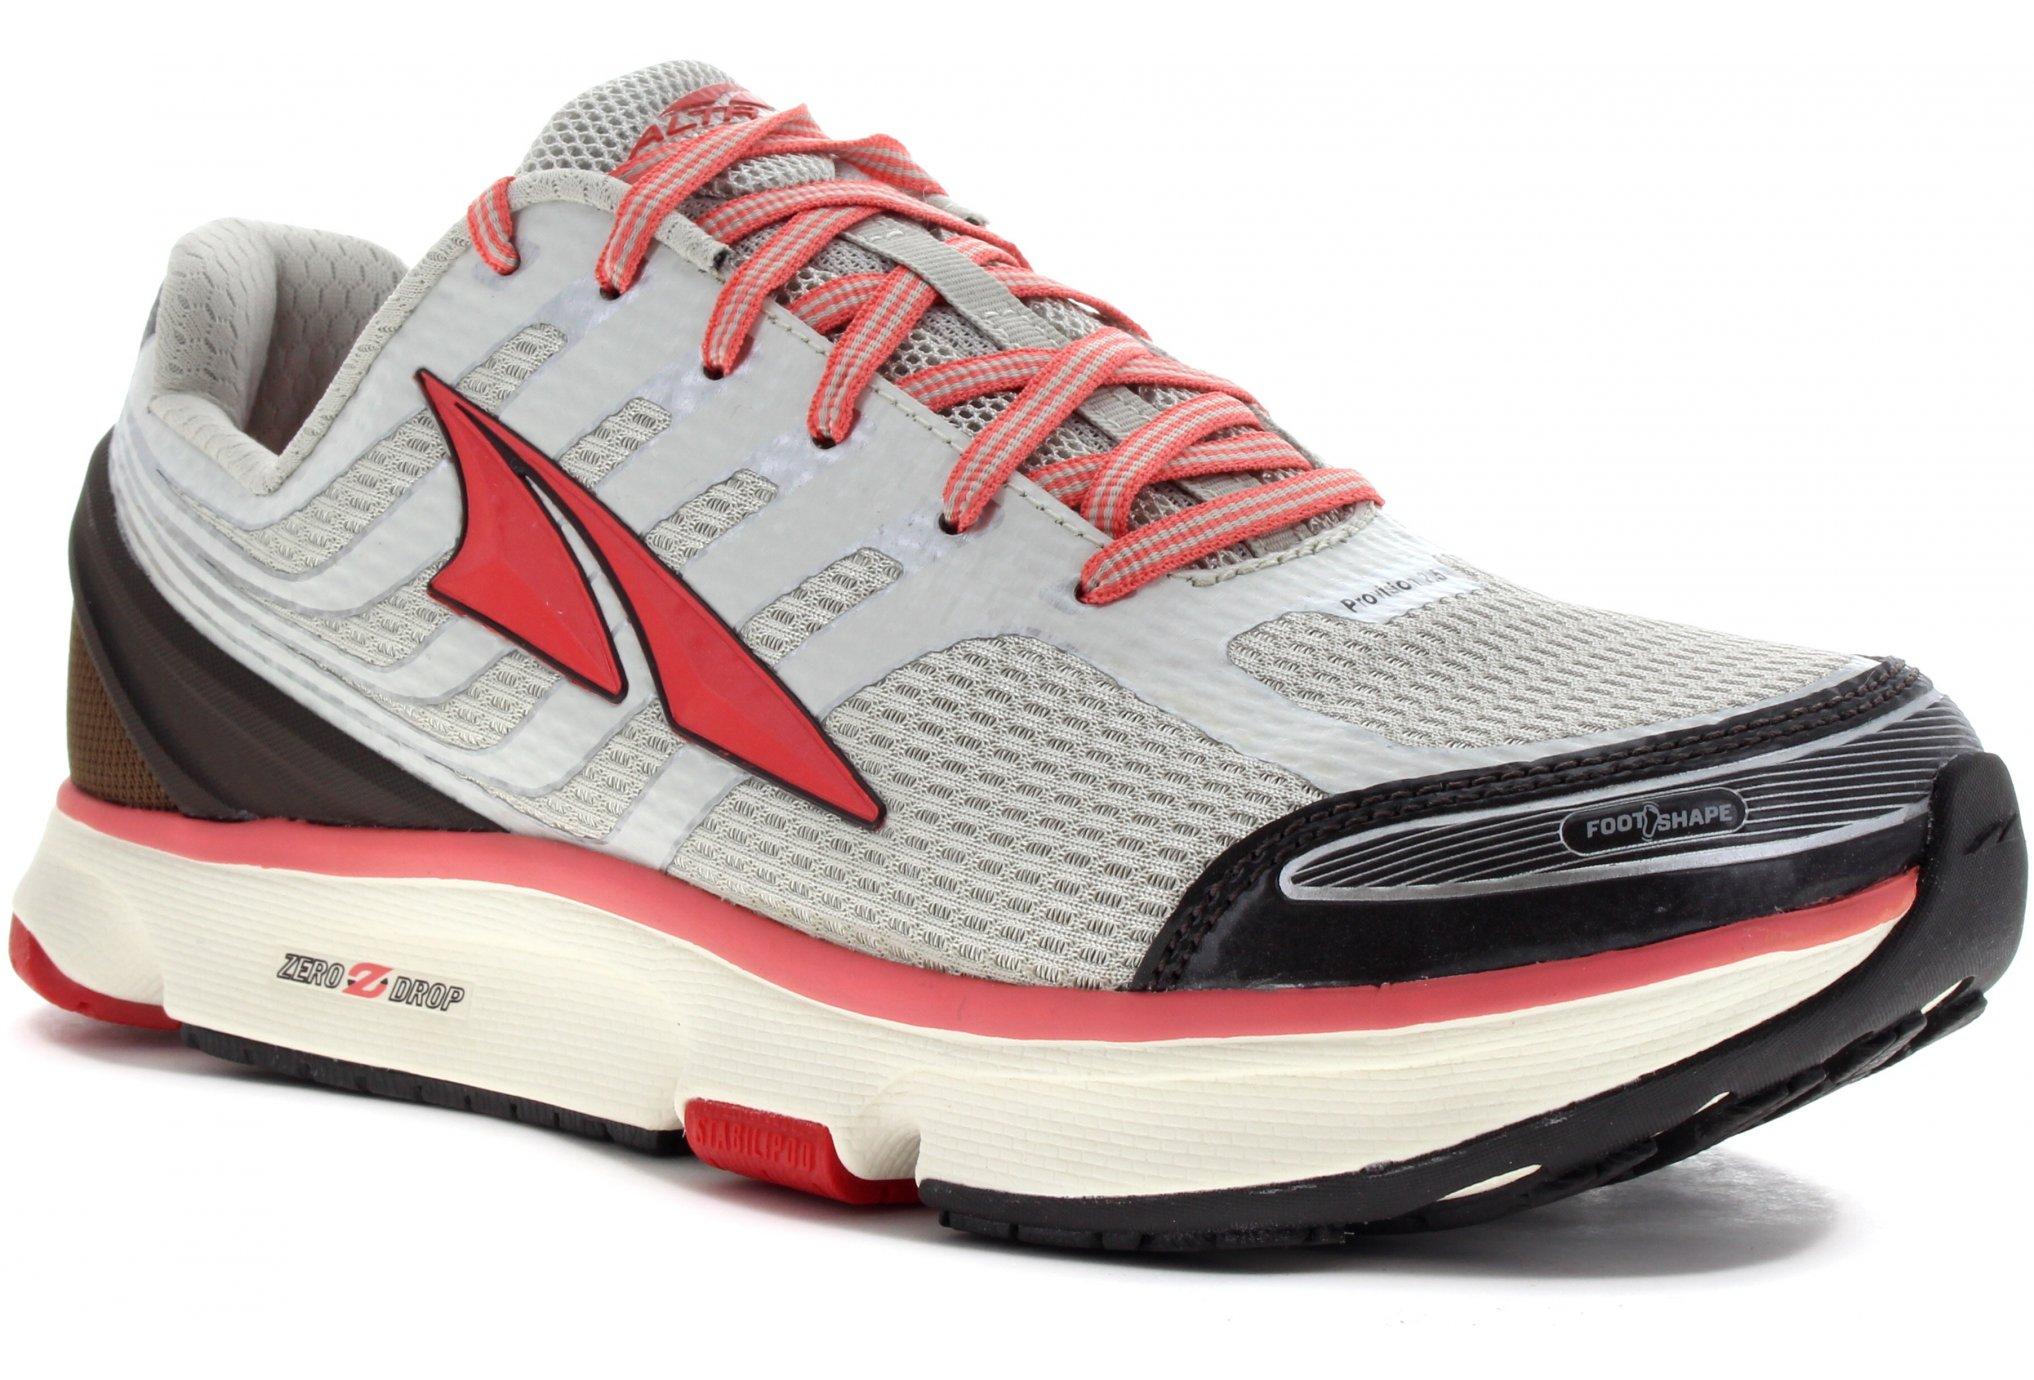 Altra The Provision 2.5 W Diététique Chaussures femme